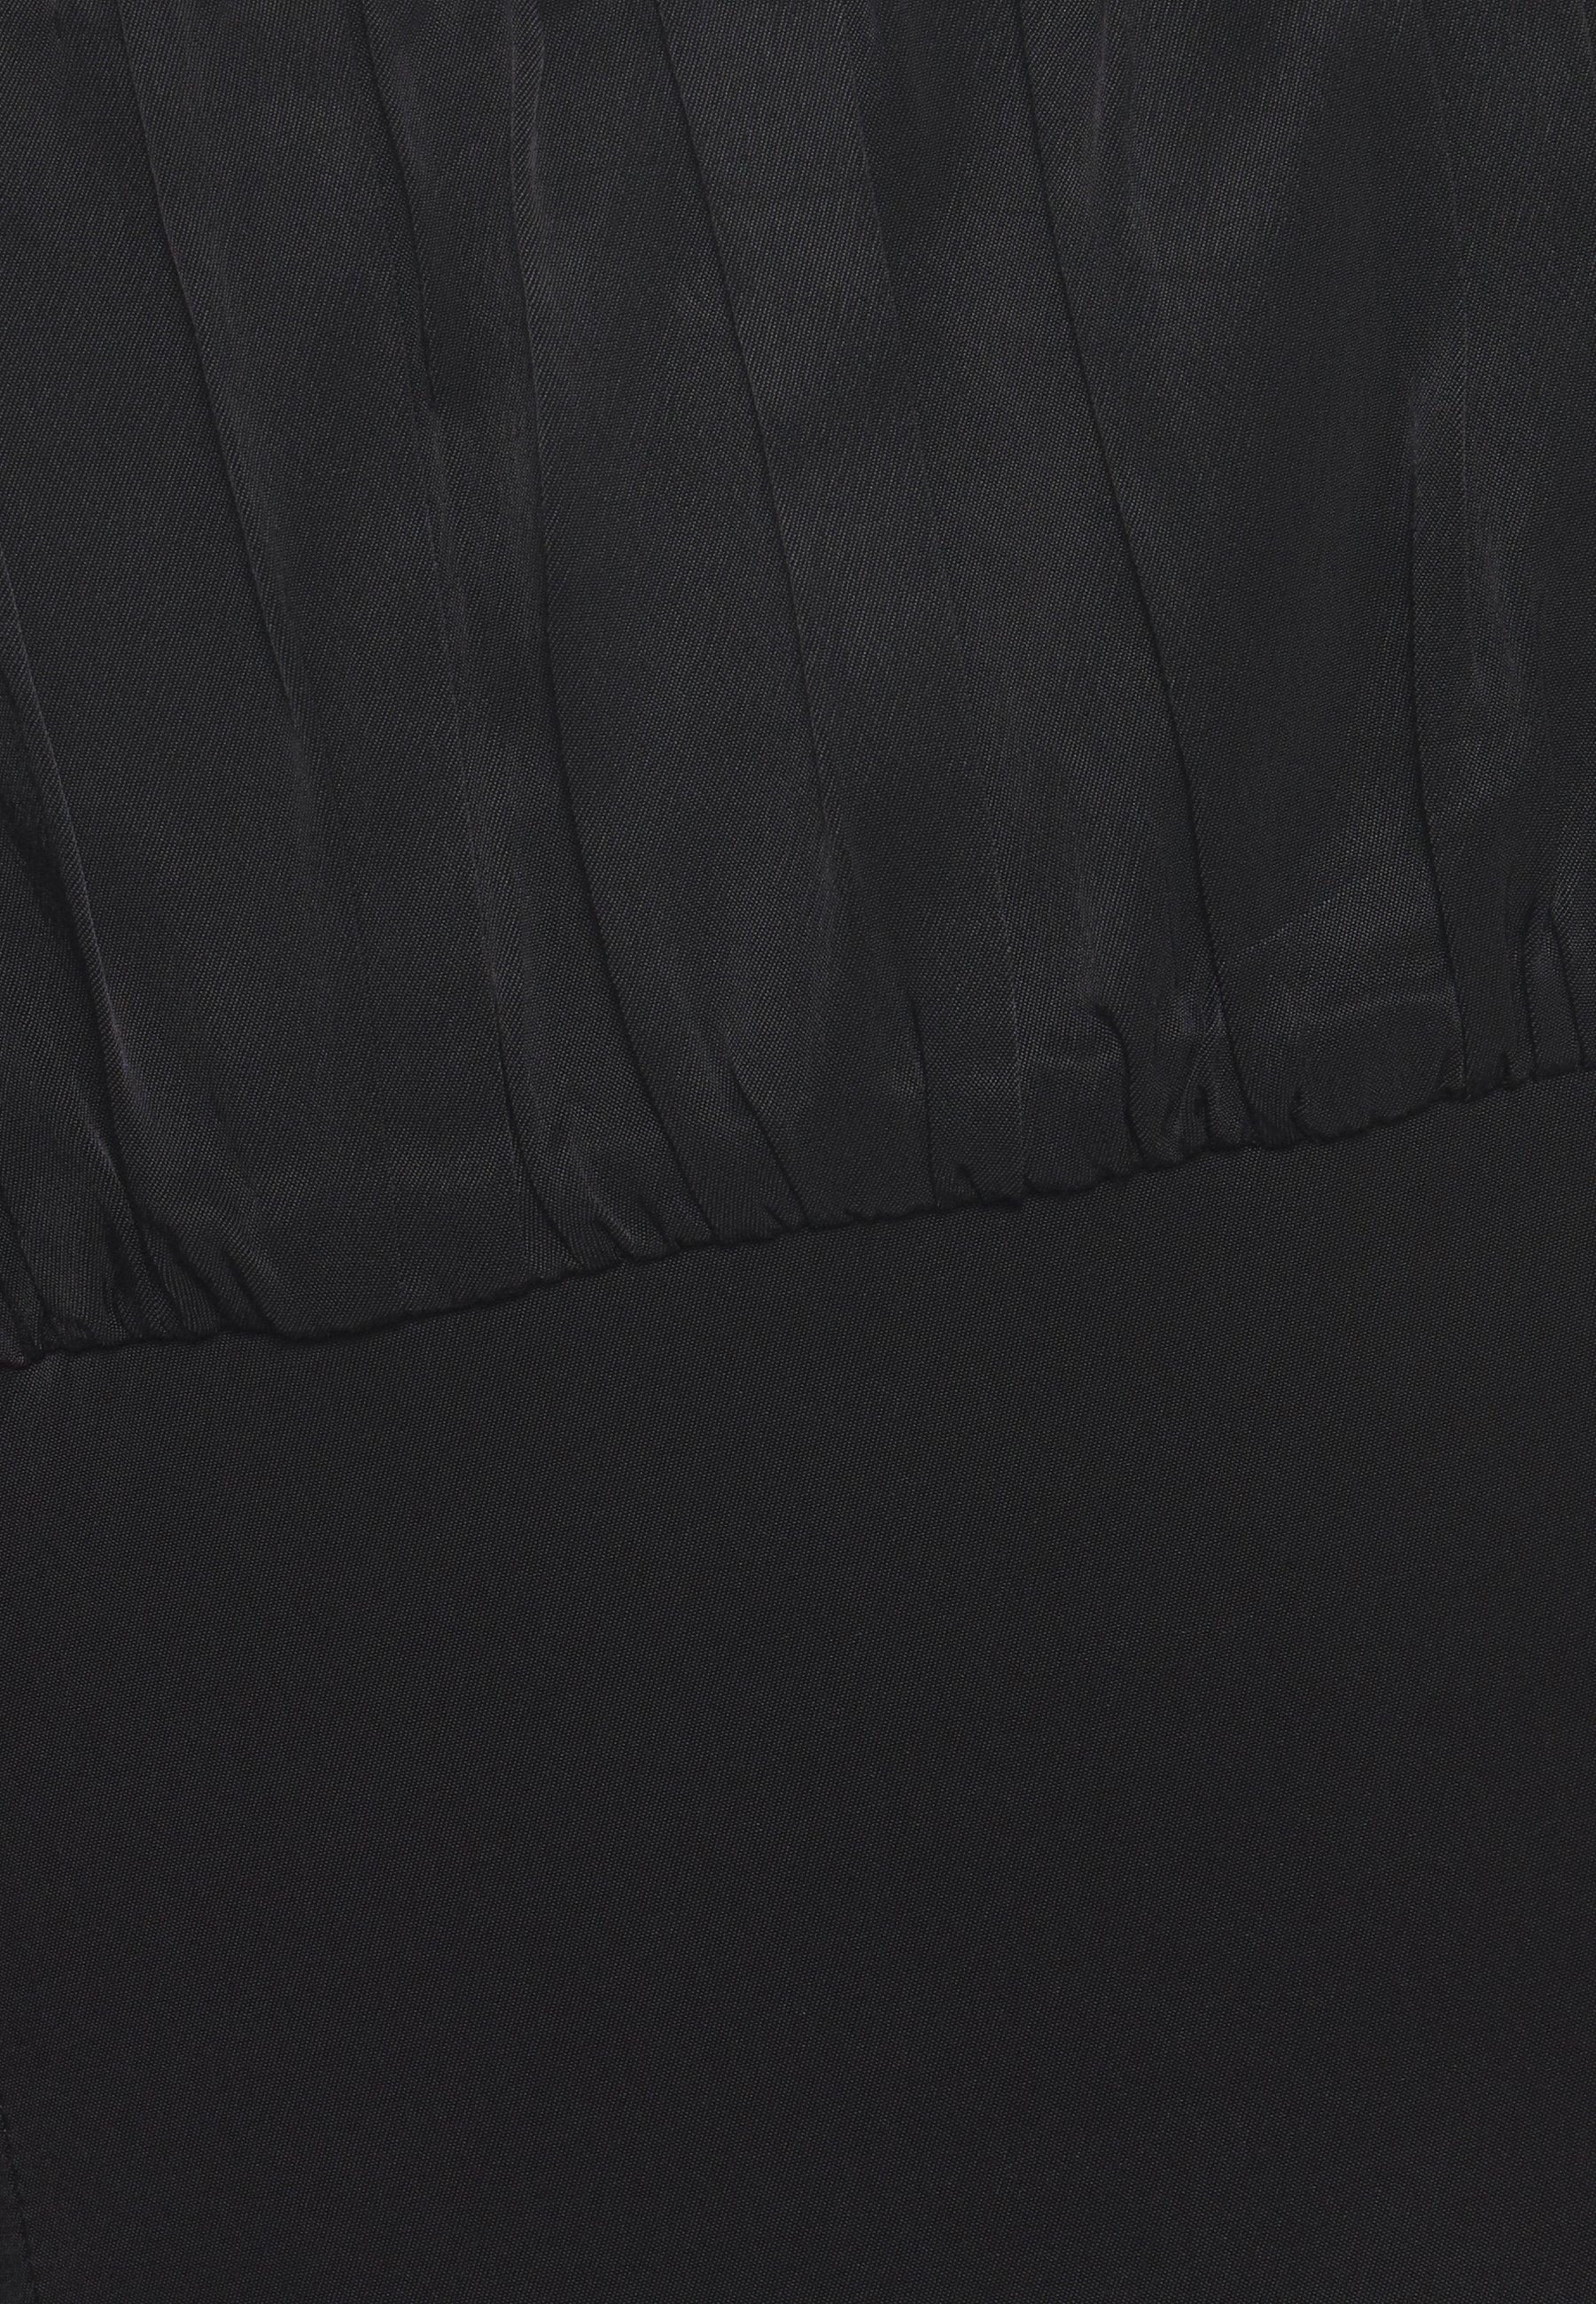 Zakup Duża obniżka Third Form ROMANCER GATHER BRA MIDI - Sukienka letnia - black | Odzież damska 2020 Iqk9a